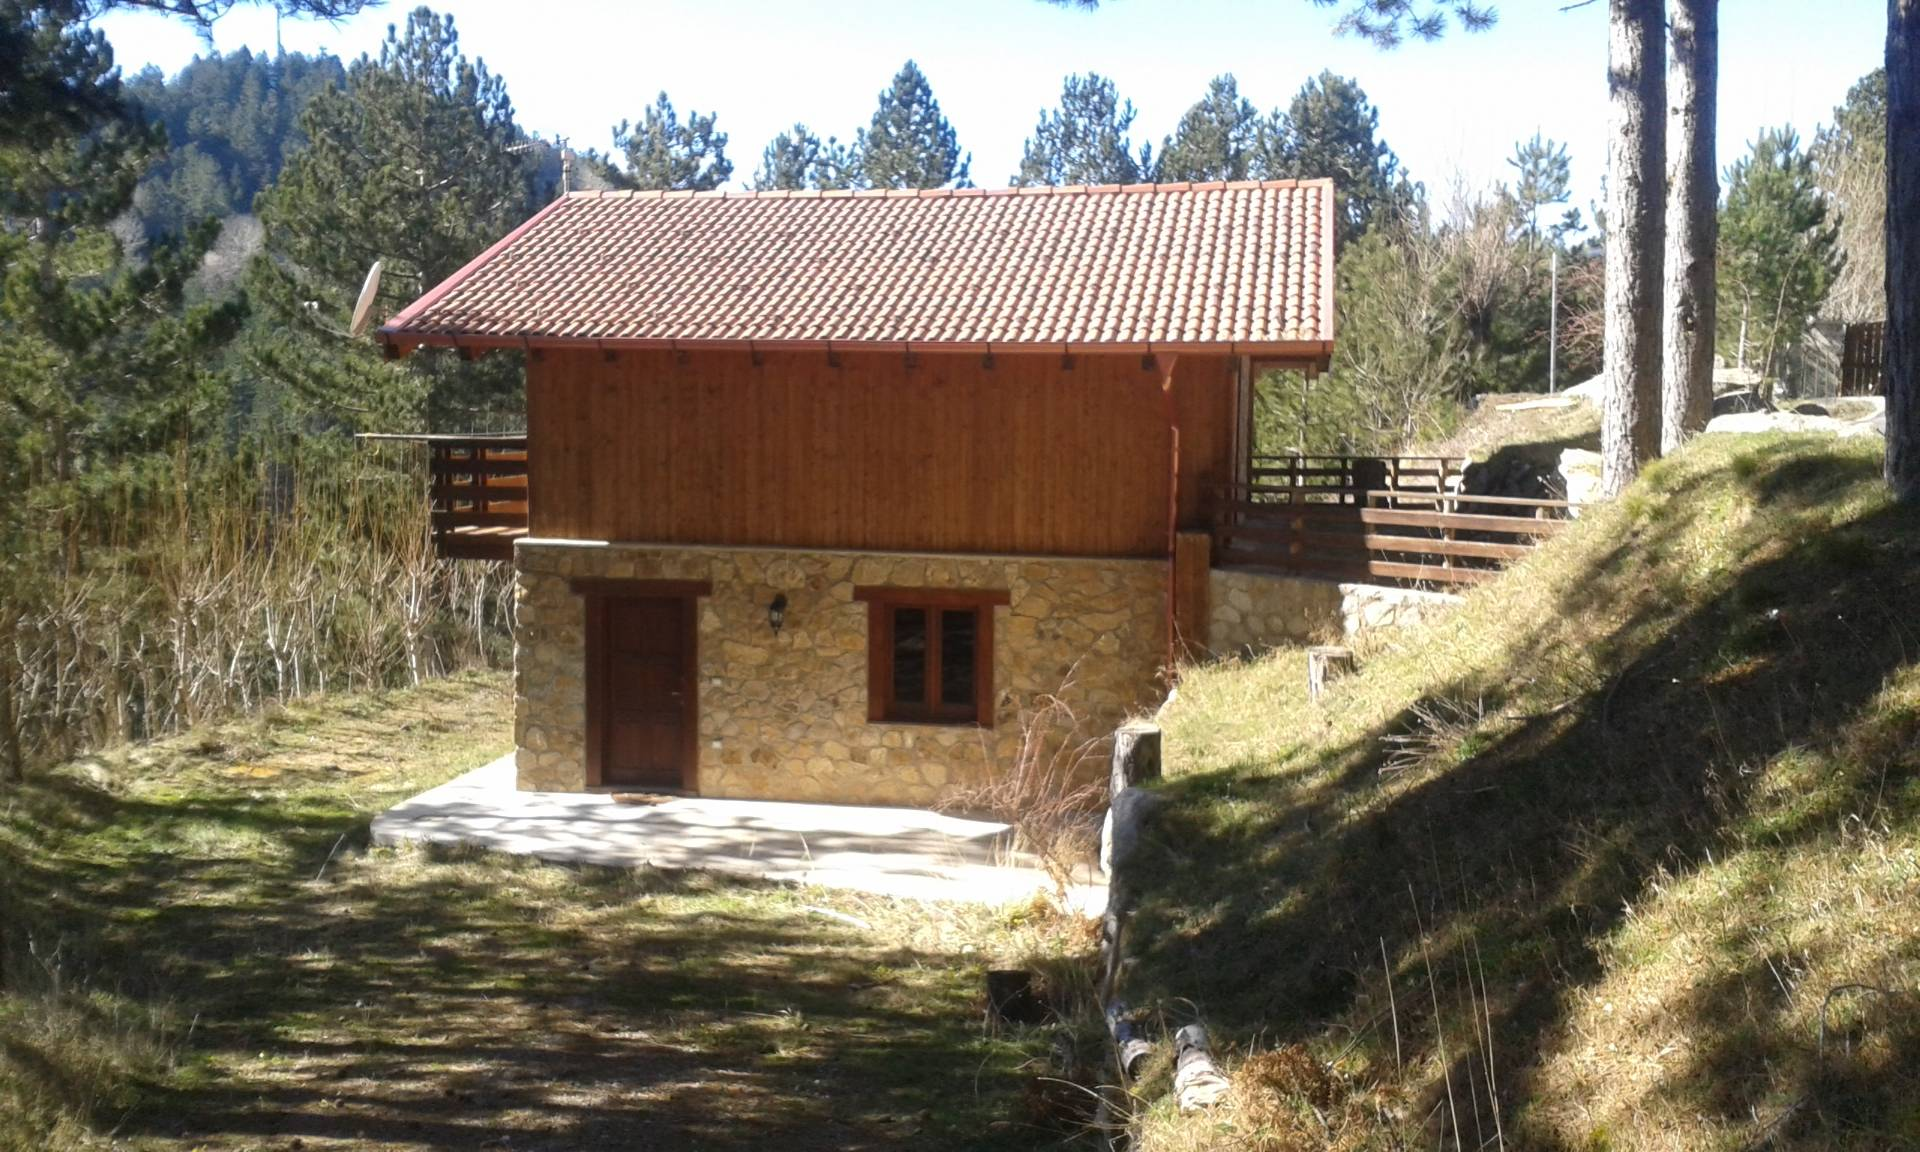 Villa in vendita a Cotronei, 4 locali, prezzo € 85.000 | CambioCasa.it